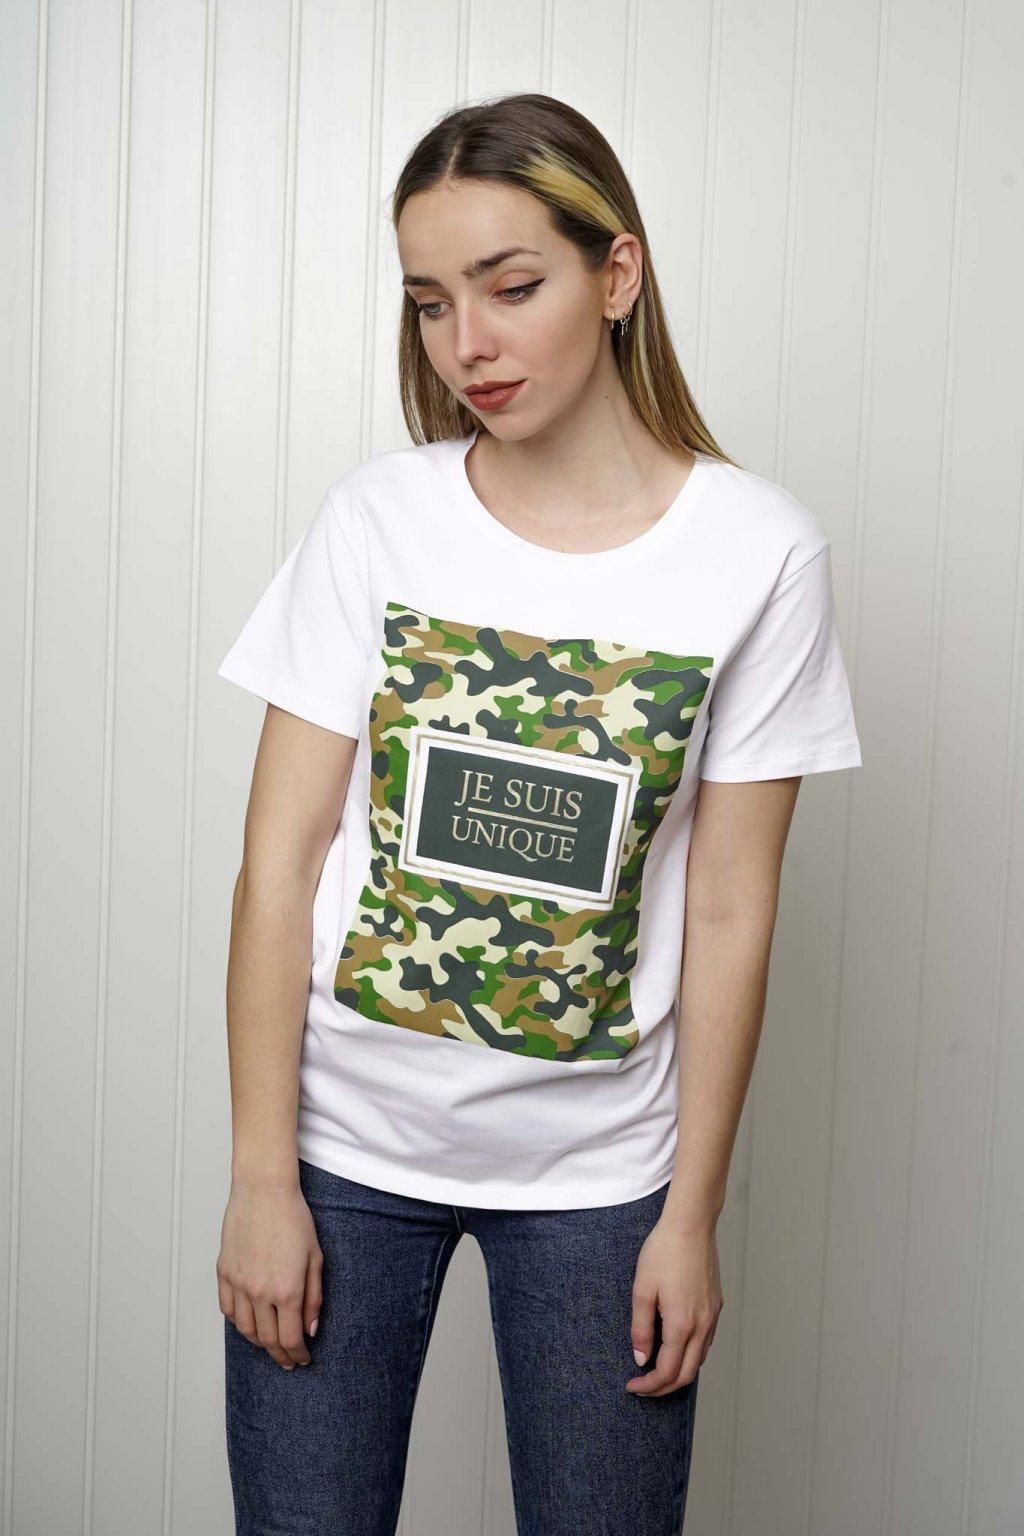 tričko, tričkové šaty, biele, čierne, žlté, vzorované, potlač, vyšívané, nášivky, fialové, street style, 178